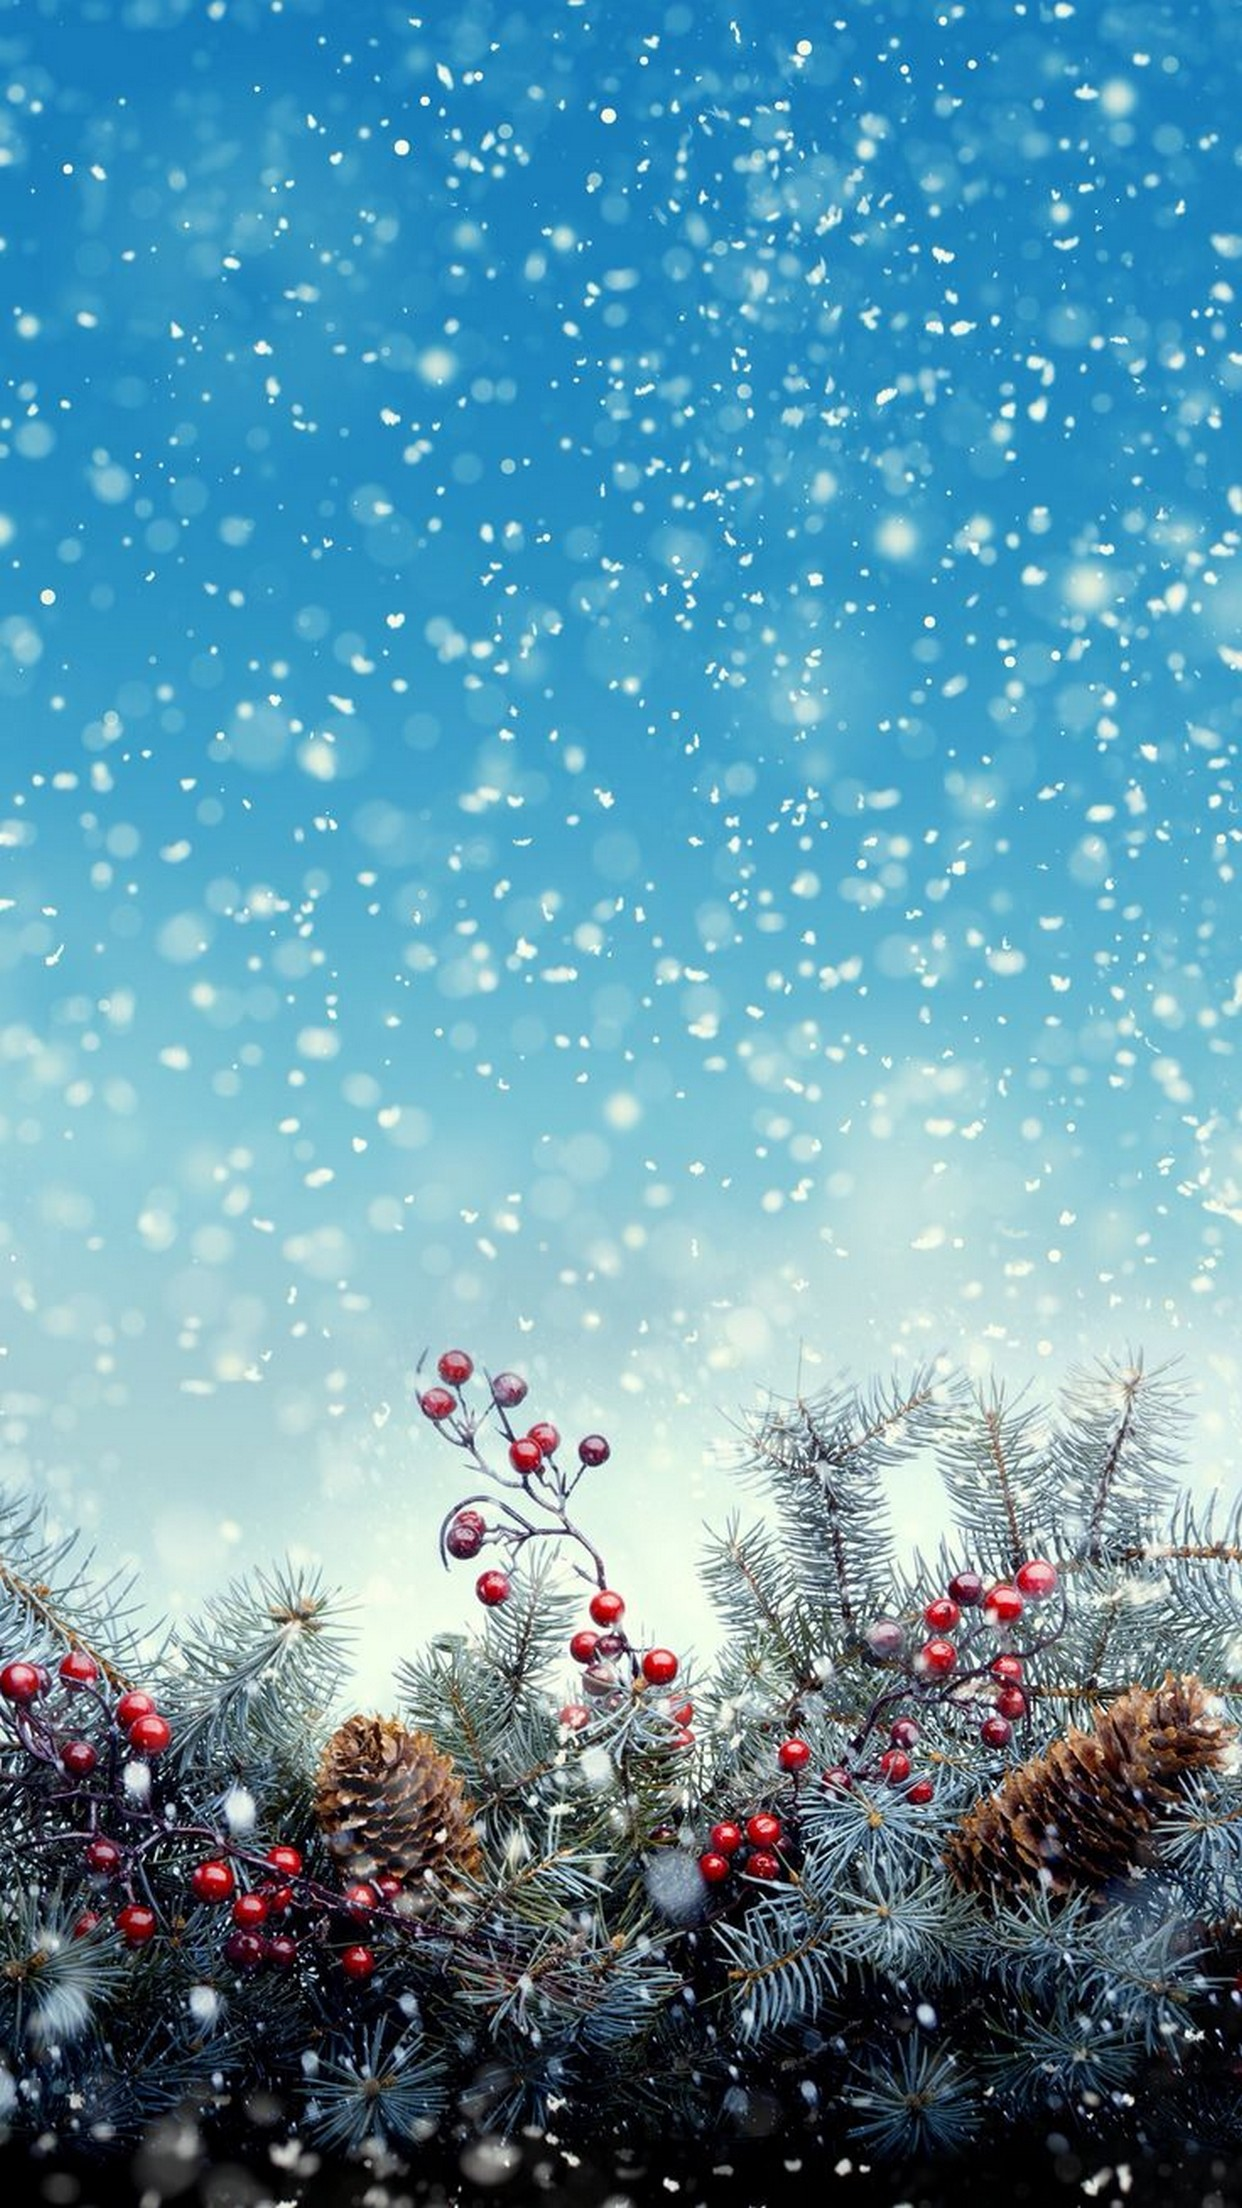 Sfondi natalizi 46 immagini for Sfondi natalizi 1920x1080